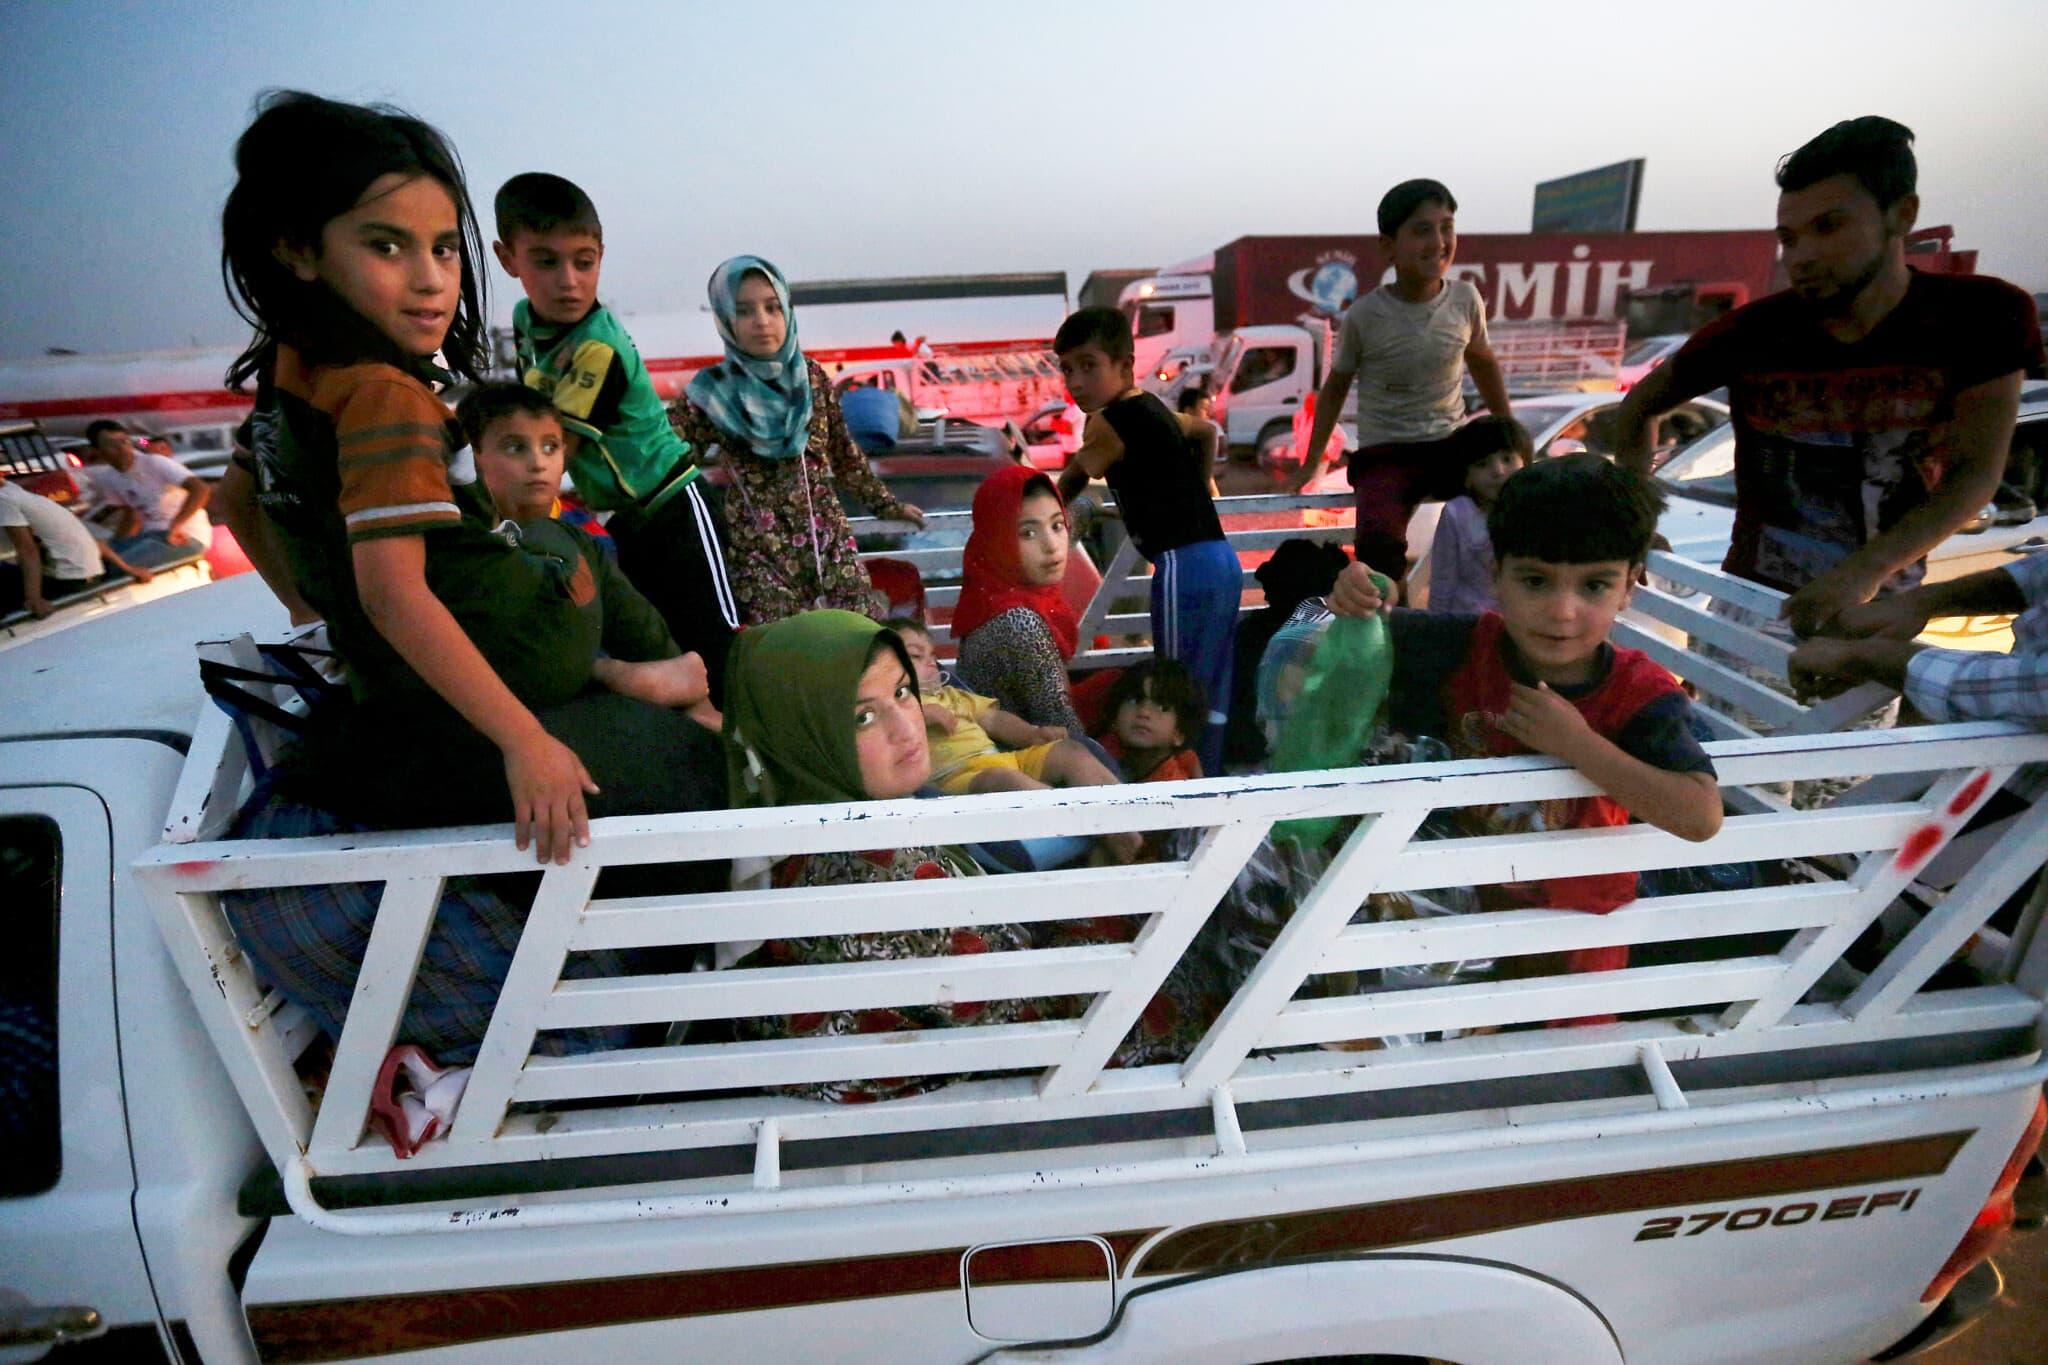 """עיראקים נסים ממוסול אחרי כניסת כוחות דאע""""ש לעיר, ב25 ביוני 2014- (צילום: AP Photo/Hussein Malla)"""